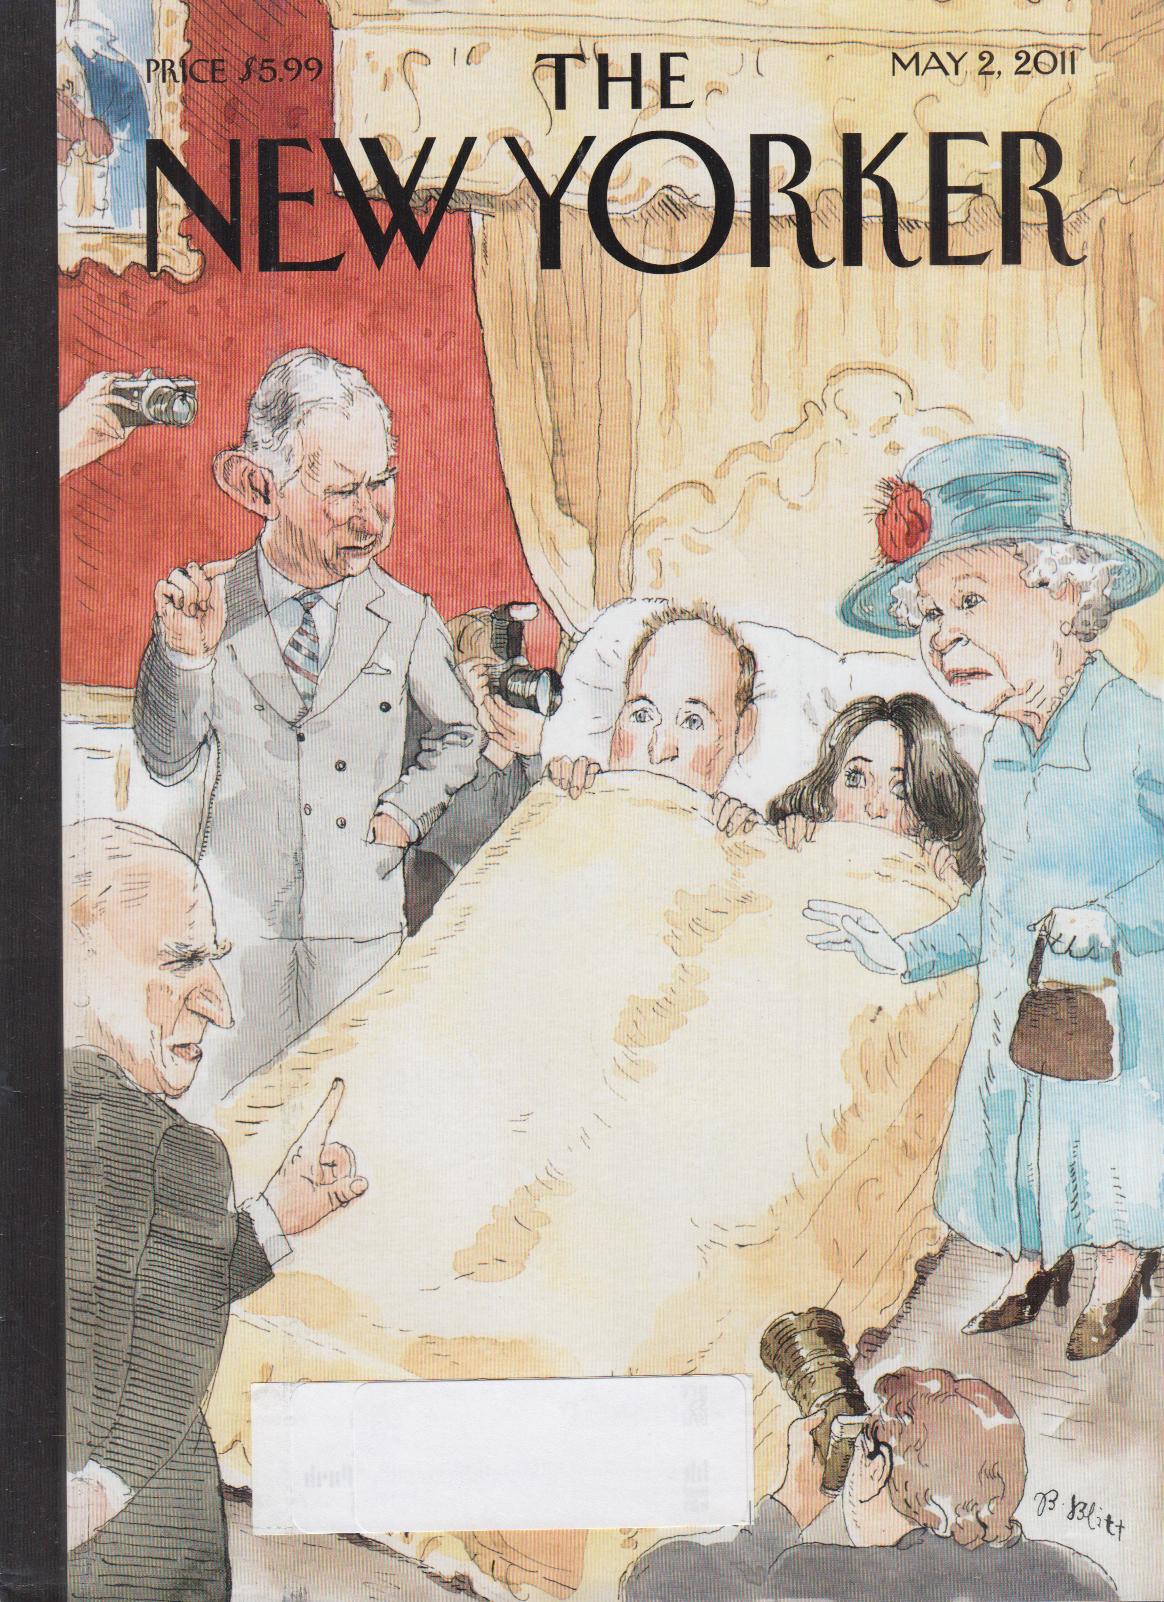 New Yorker cover Blitt 5/2 2011 Photogs & Queen in Prince William's bedroom